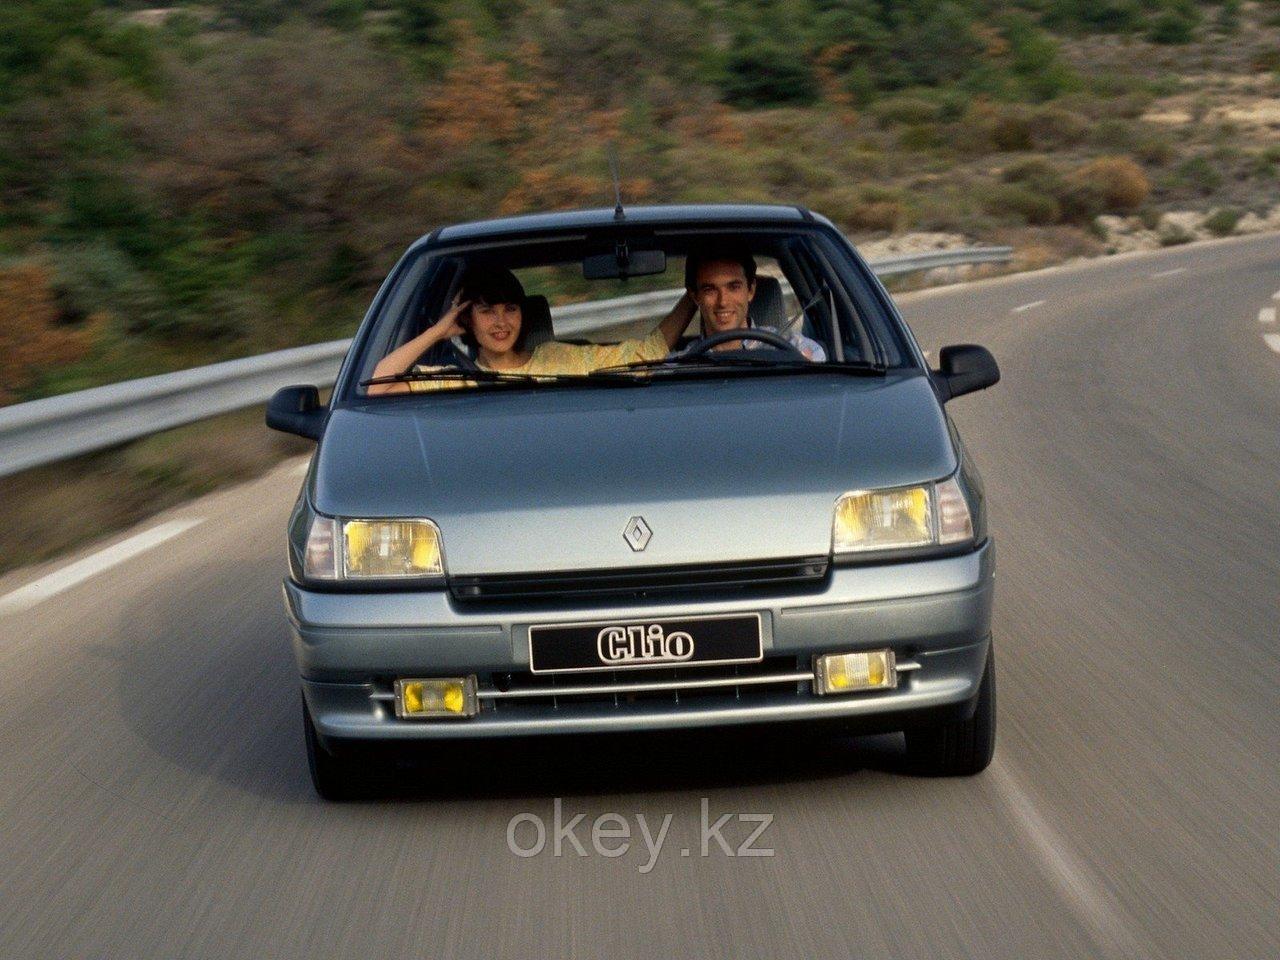 Тормозные колодки Kötl 400KT для Renault Clio I хэтчбек (B/C57_, 5/357_) 1.8 16V (C57D), 1991-1996 года выпуска.